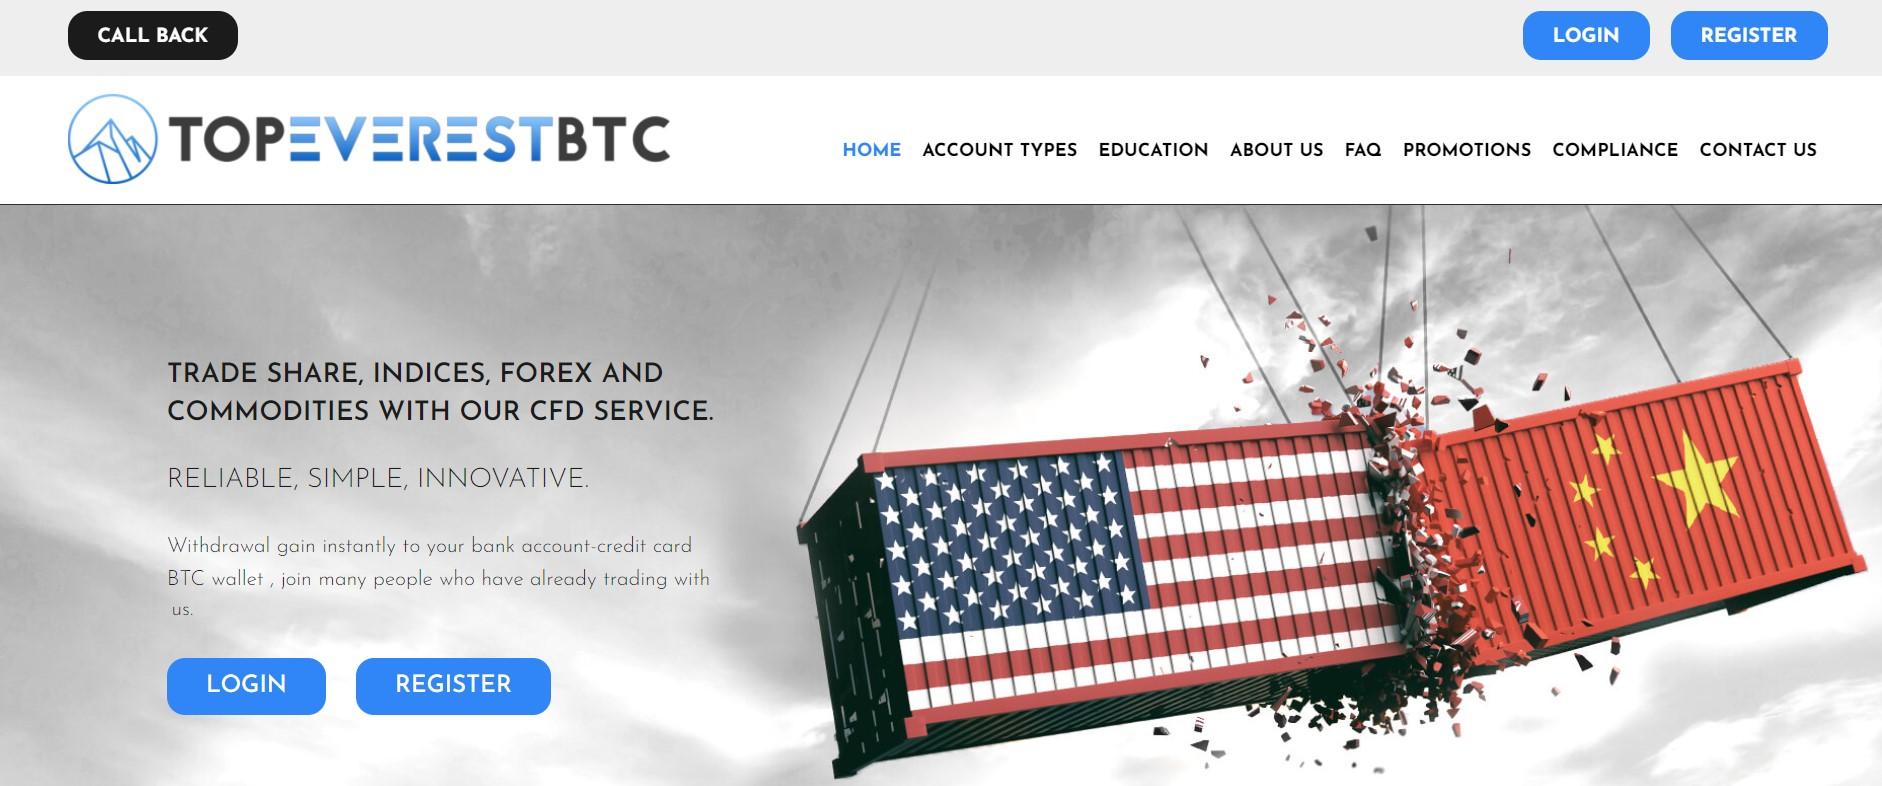 Topeverestbtc website